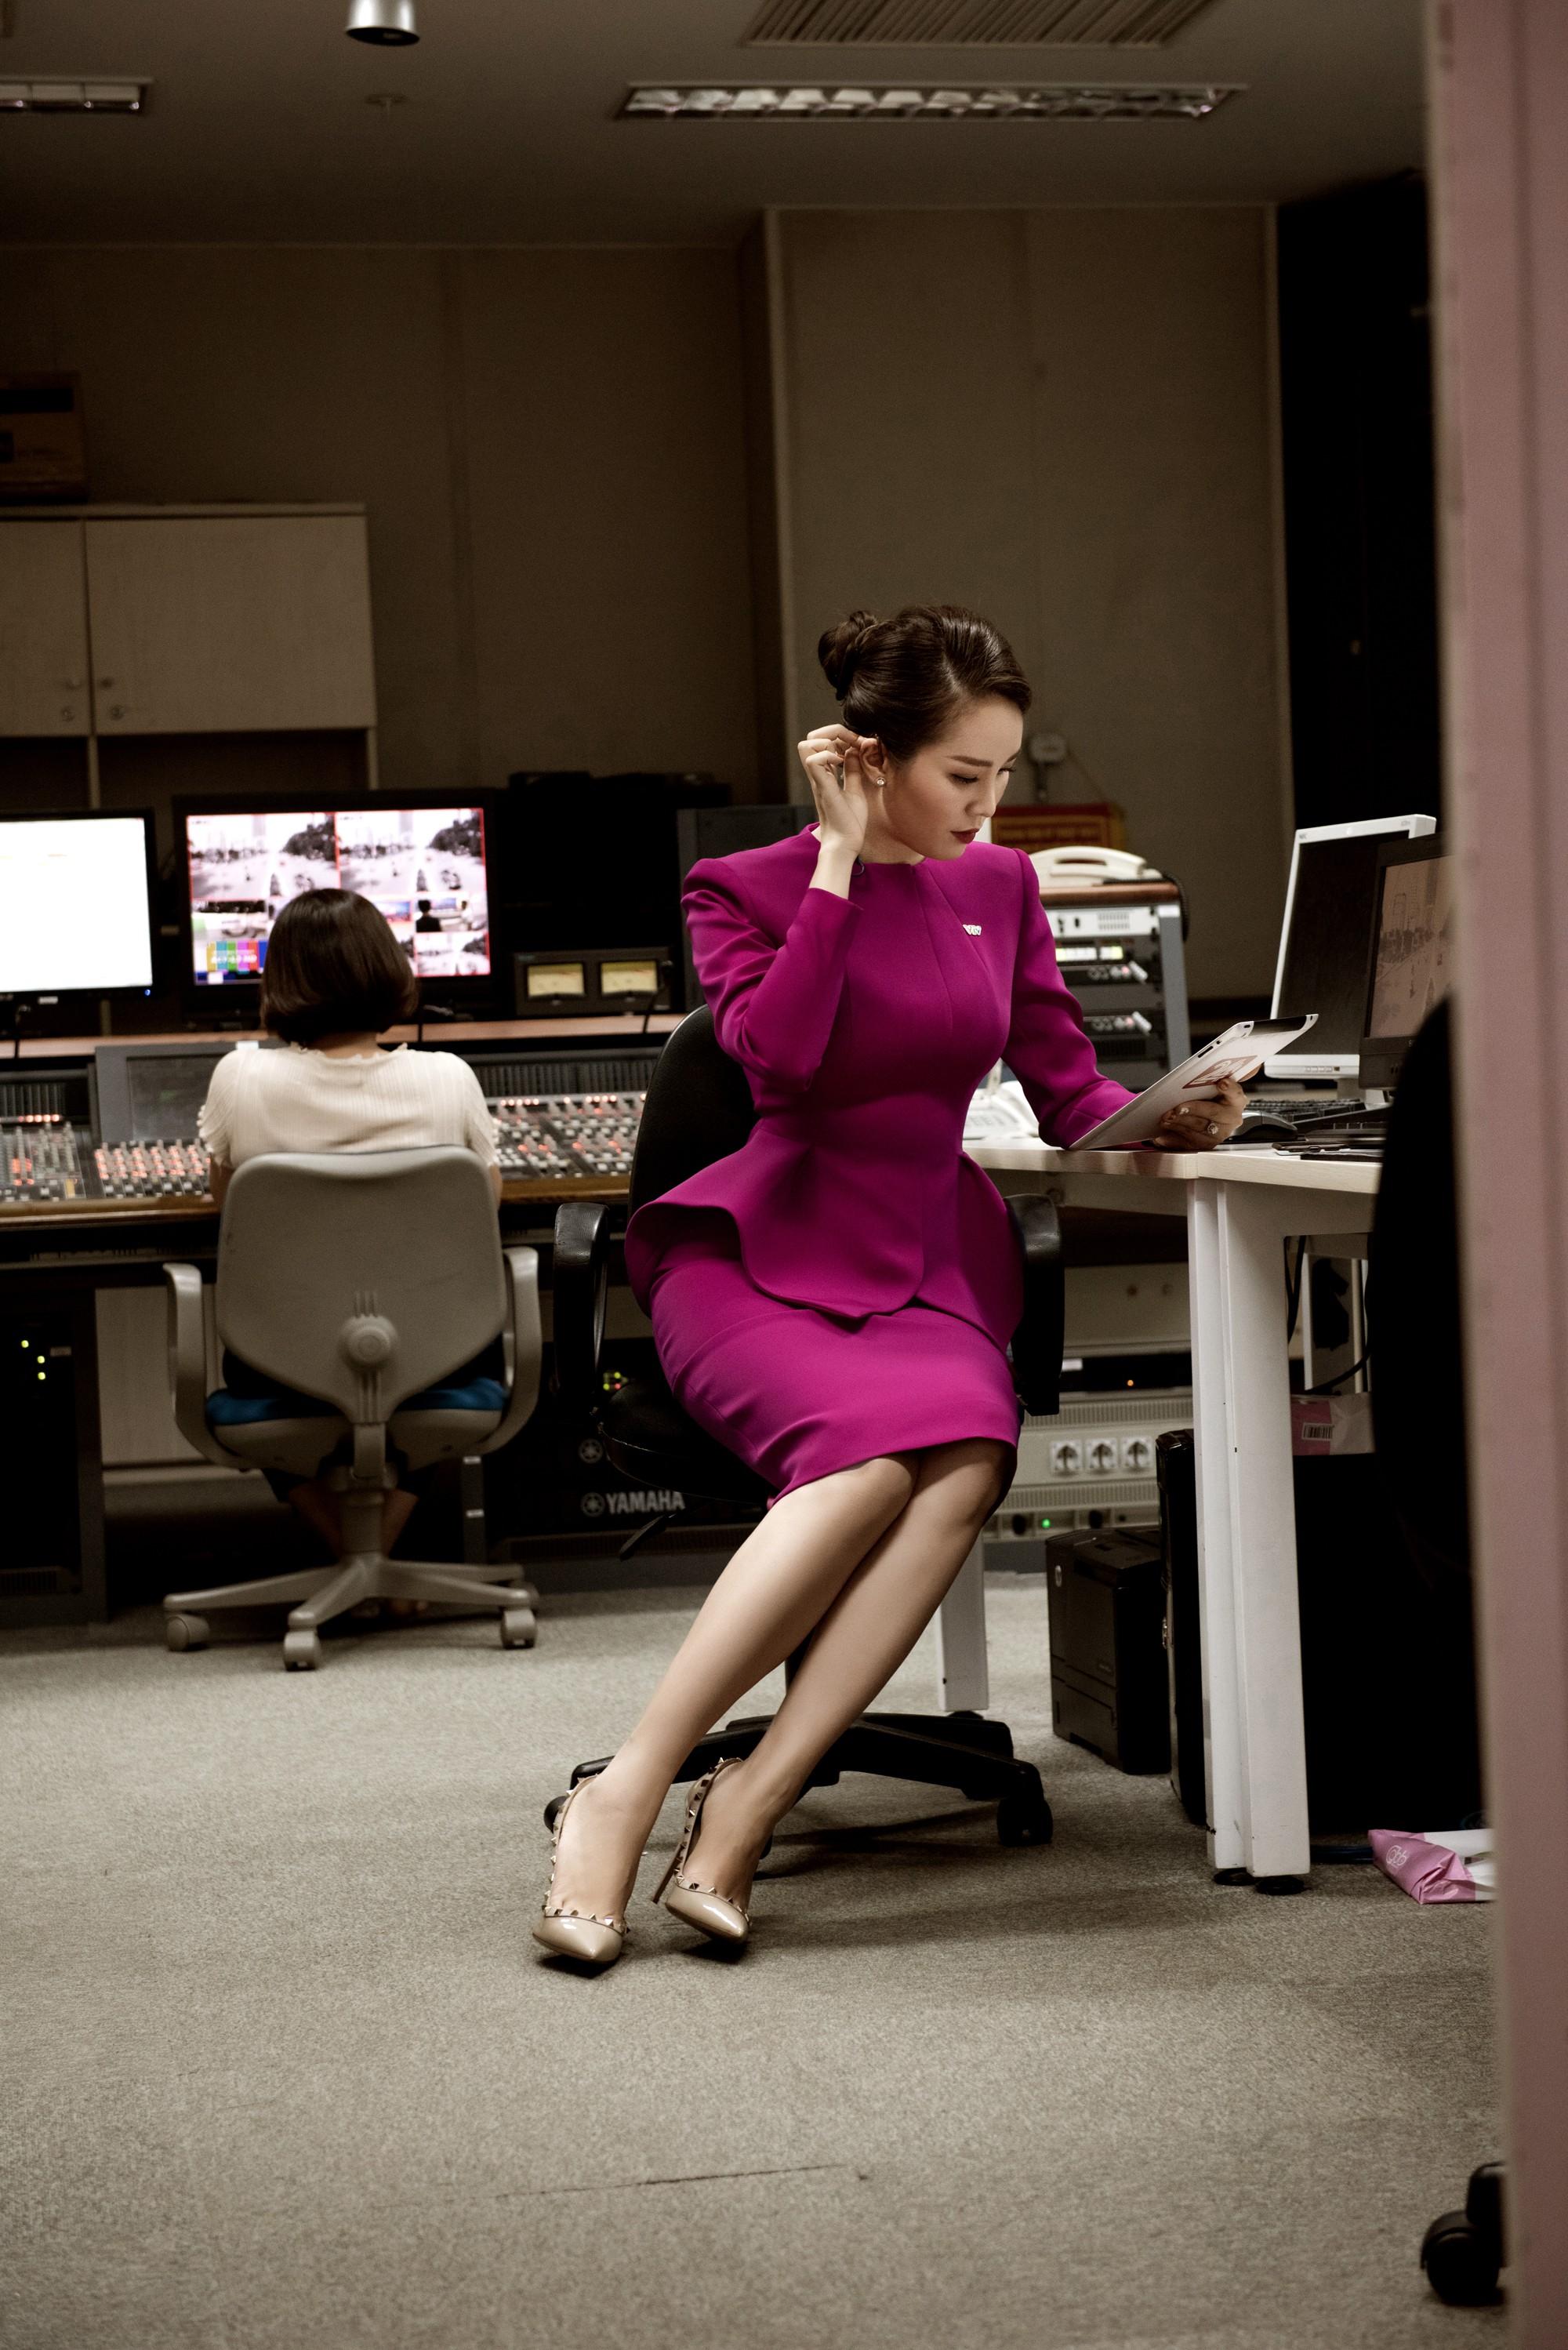 Á hậu Thụy Vân: Nữ MC chỉn chu nhất VTV, chưa một lần mắc lỗi trang phục trên sóng truyền hình 6